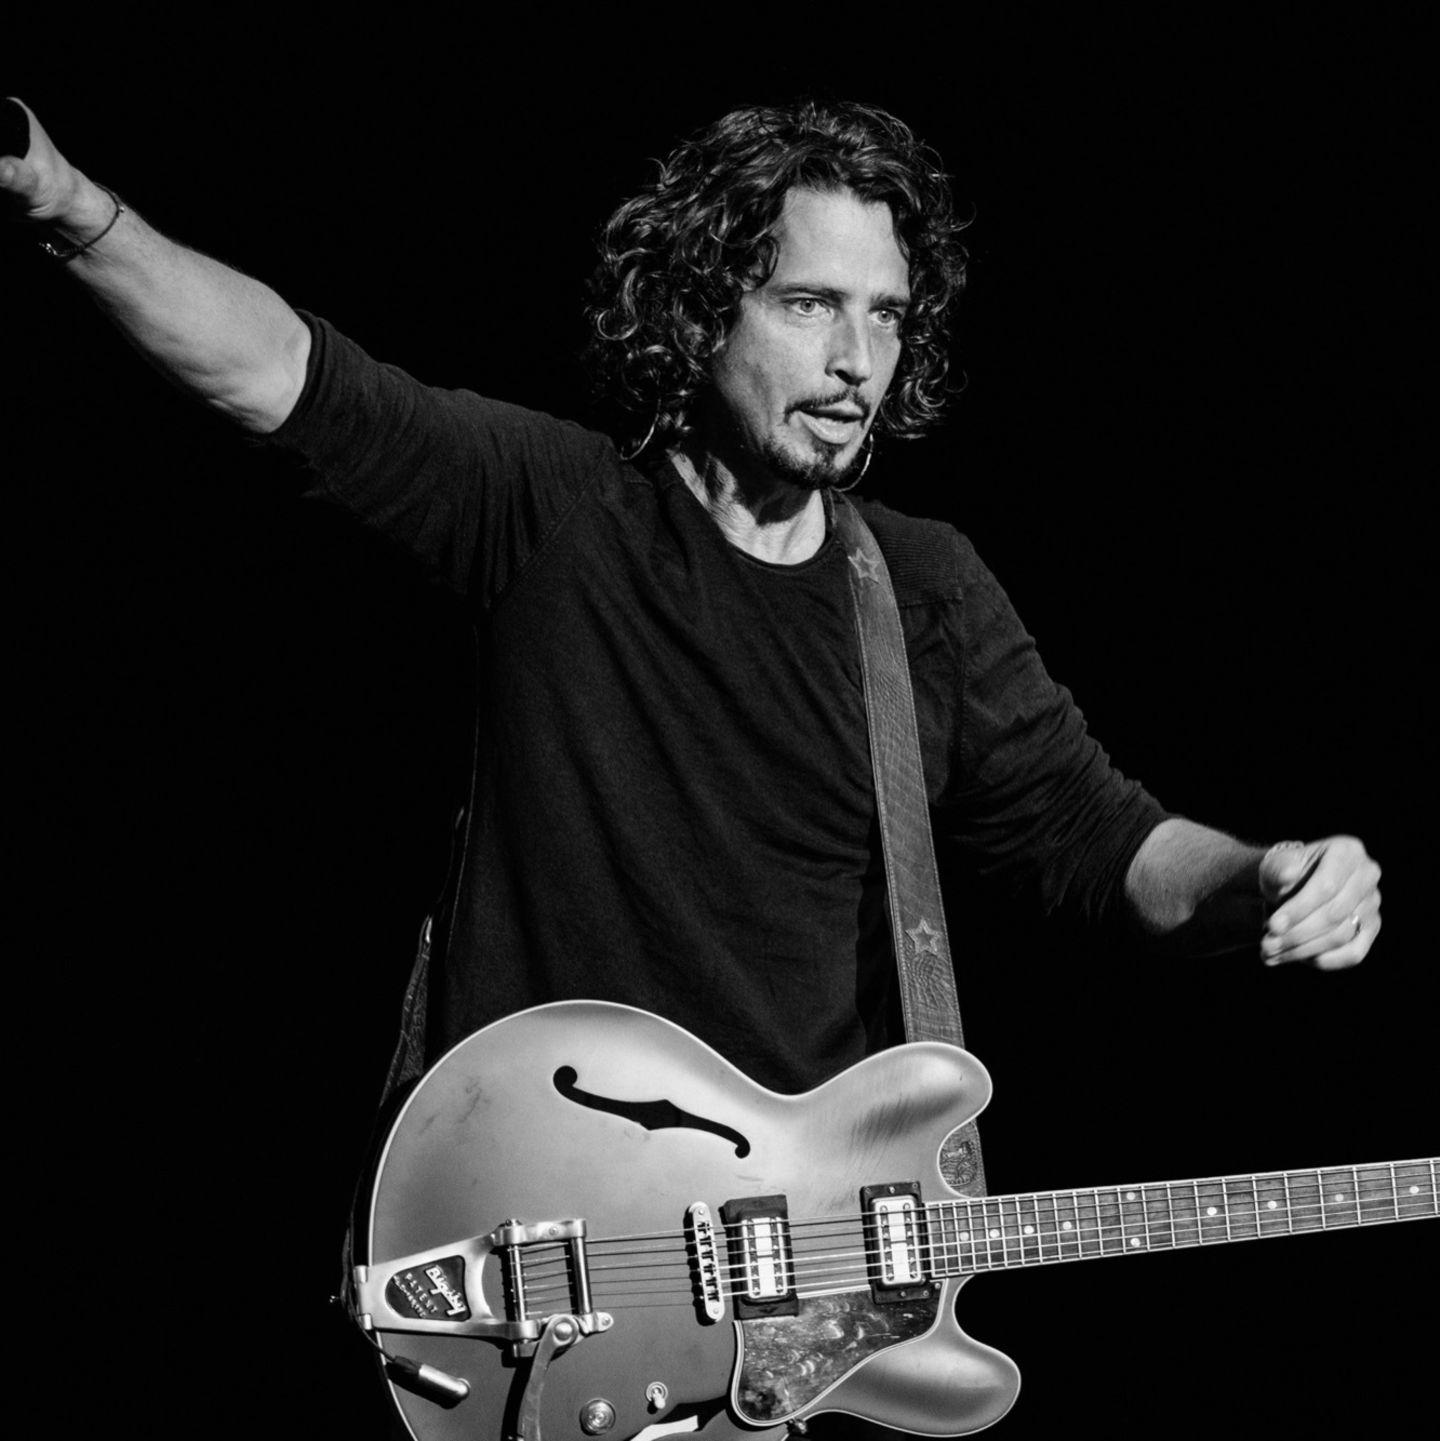 Als Frontmann der Band Soundgarden machte ihn der Bond-Song 'You know my Name' berühmt. Mit 52 Jahren nahm sich Musiker Chris Cornell am 18. Mai 2017 das Leben. Cornell soll immer wieder mit Alkohol und Depressionen zu kämpfen gehabt haben.